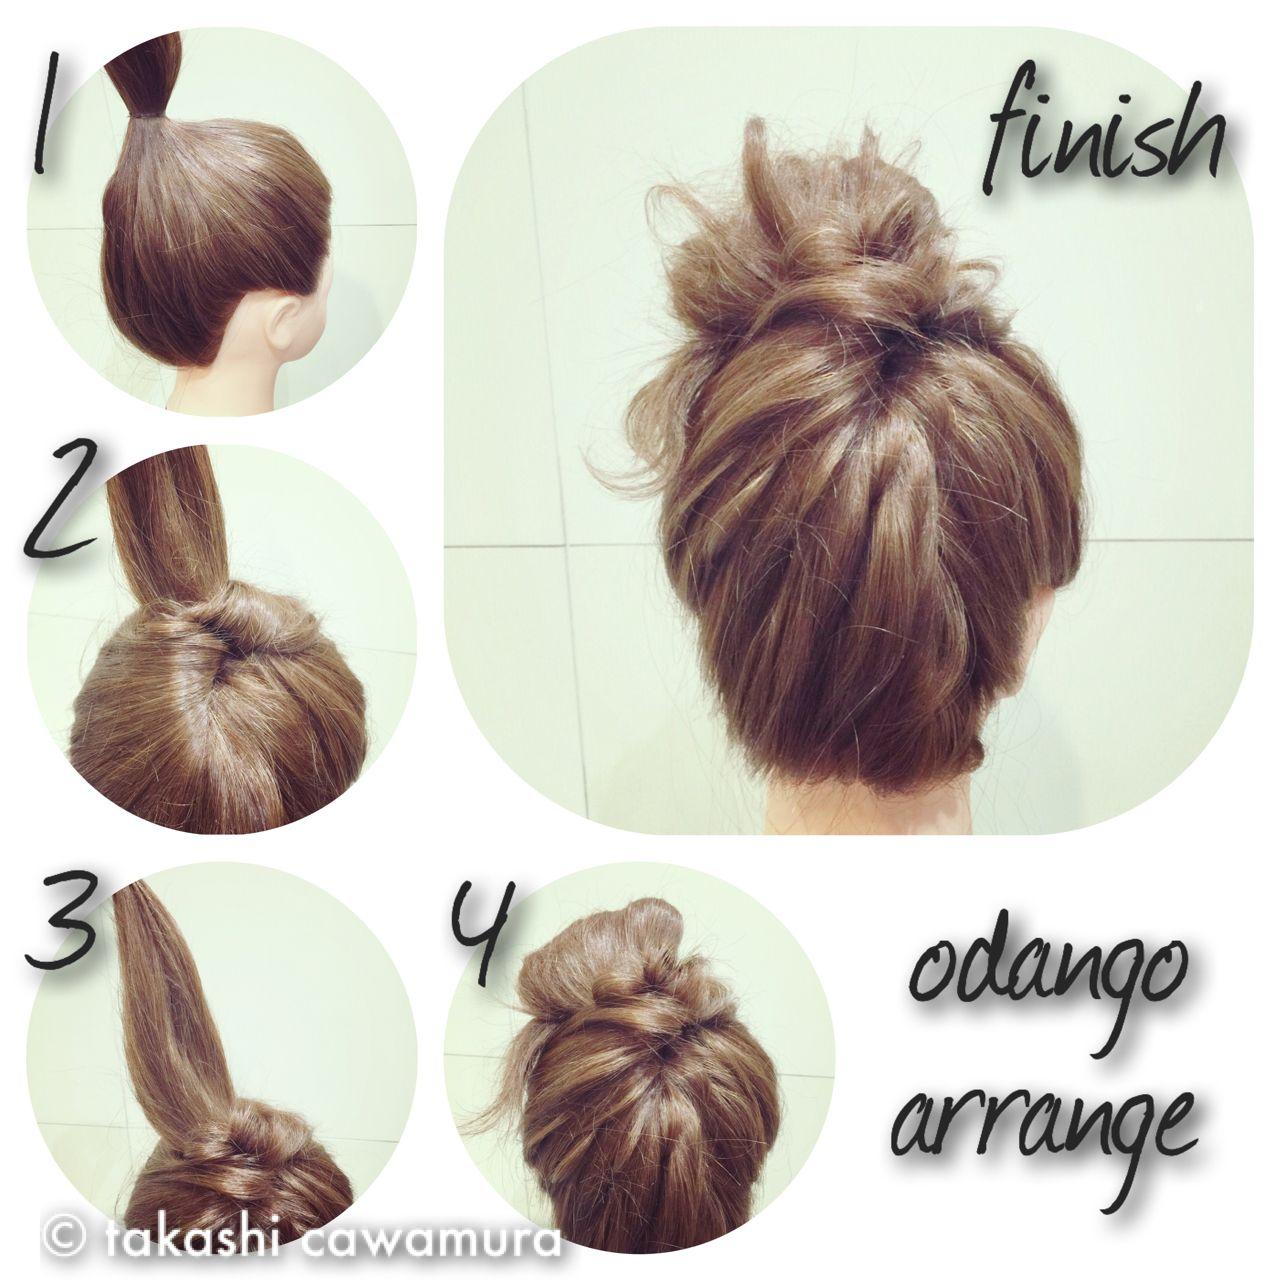 結婚式にも!ミディアムヘアの簡単お呼ばれアレンジ takashi cawamura / HAIR & MAKE•UP TAXI